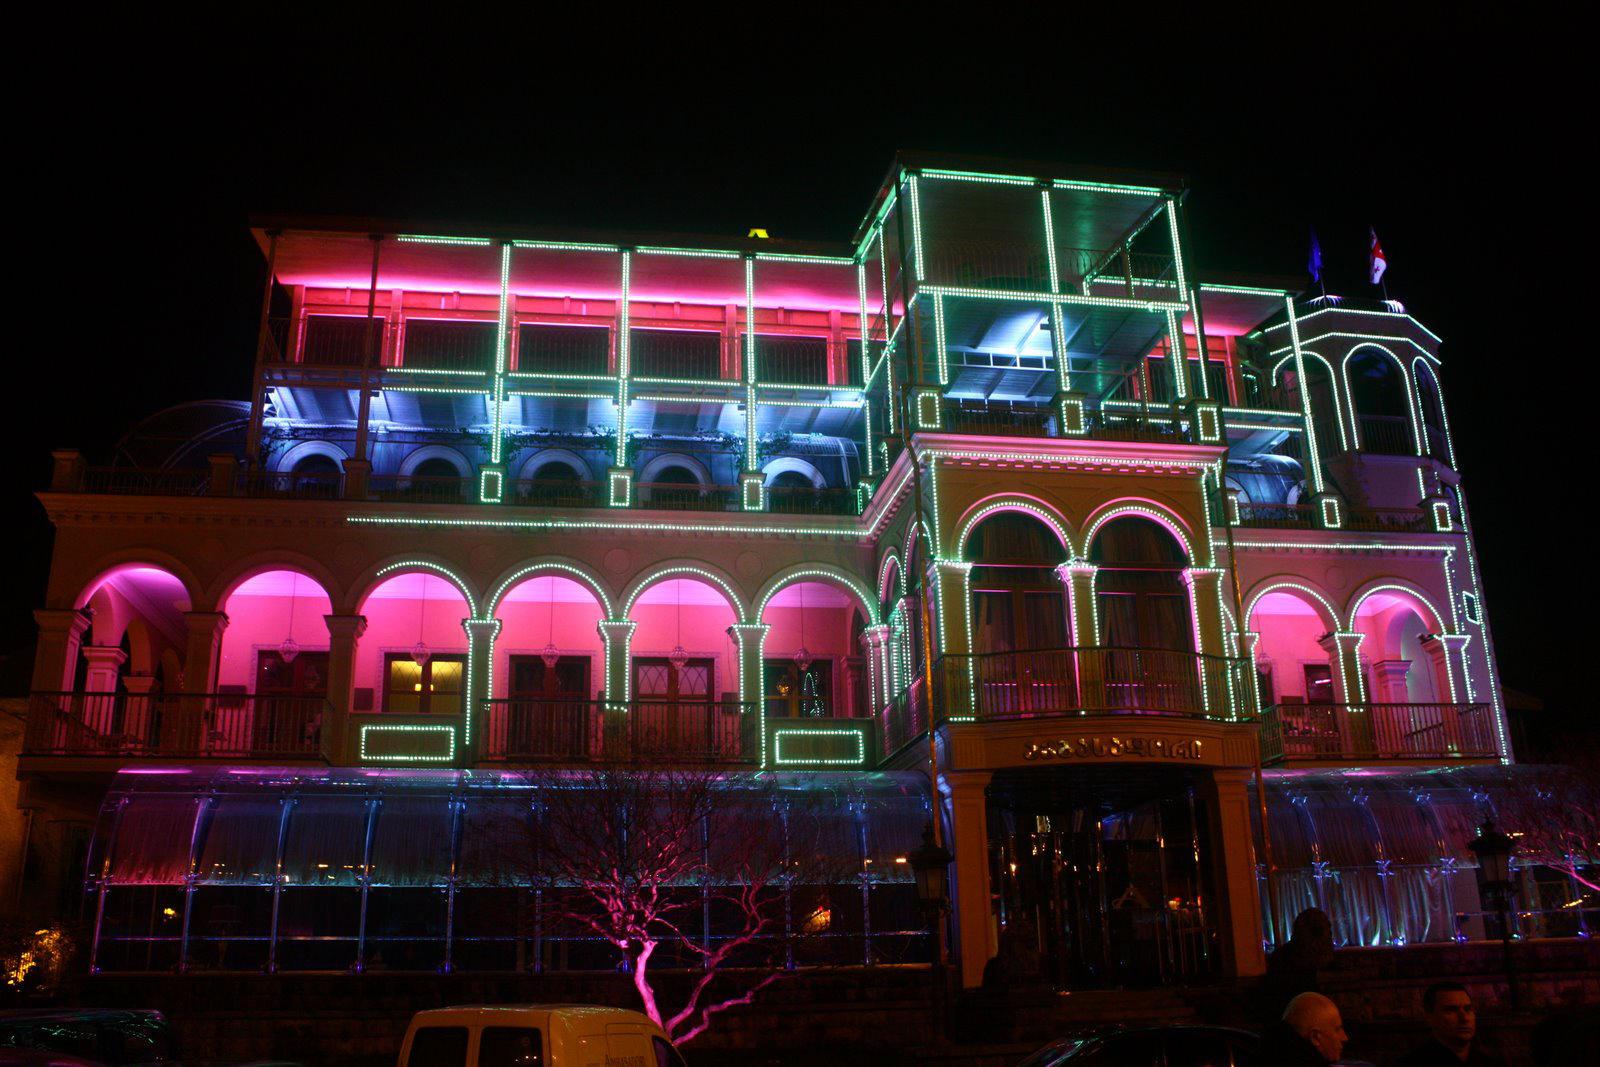 Hotel Ambasadori by Traxon ... & Hotel Ambasadori - by Traxon | Architonic azcodes.com